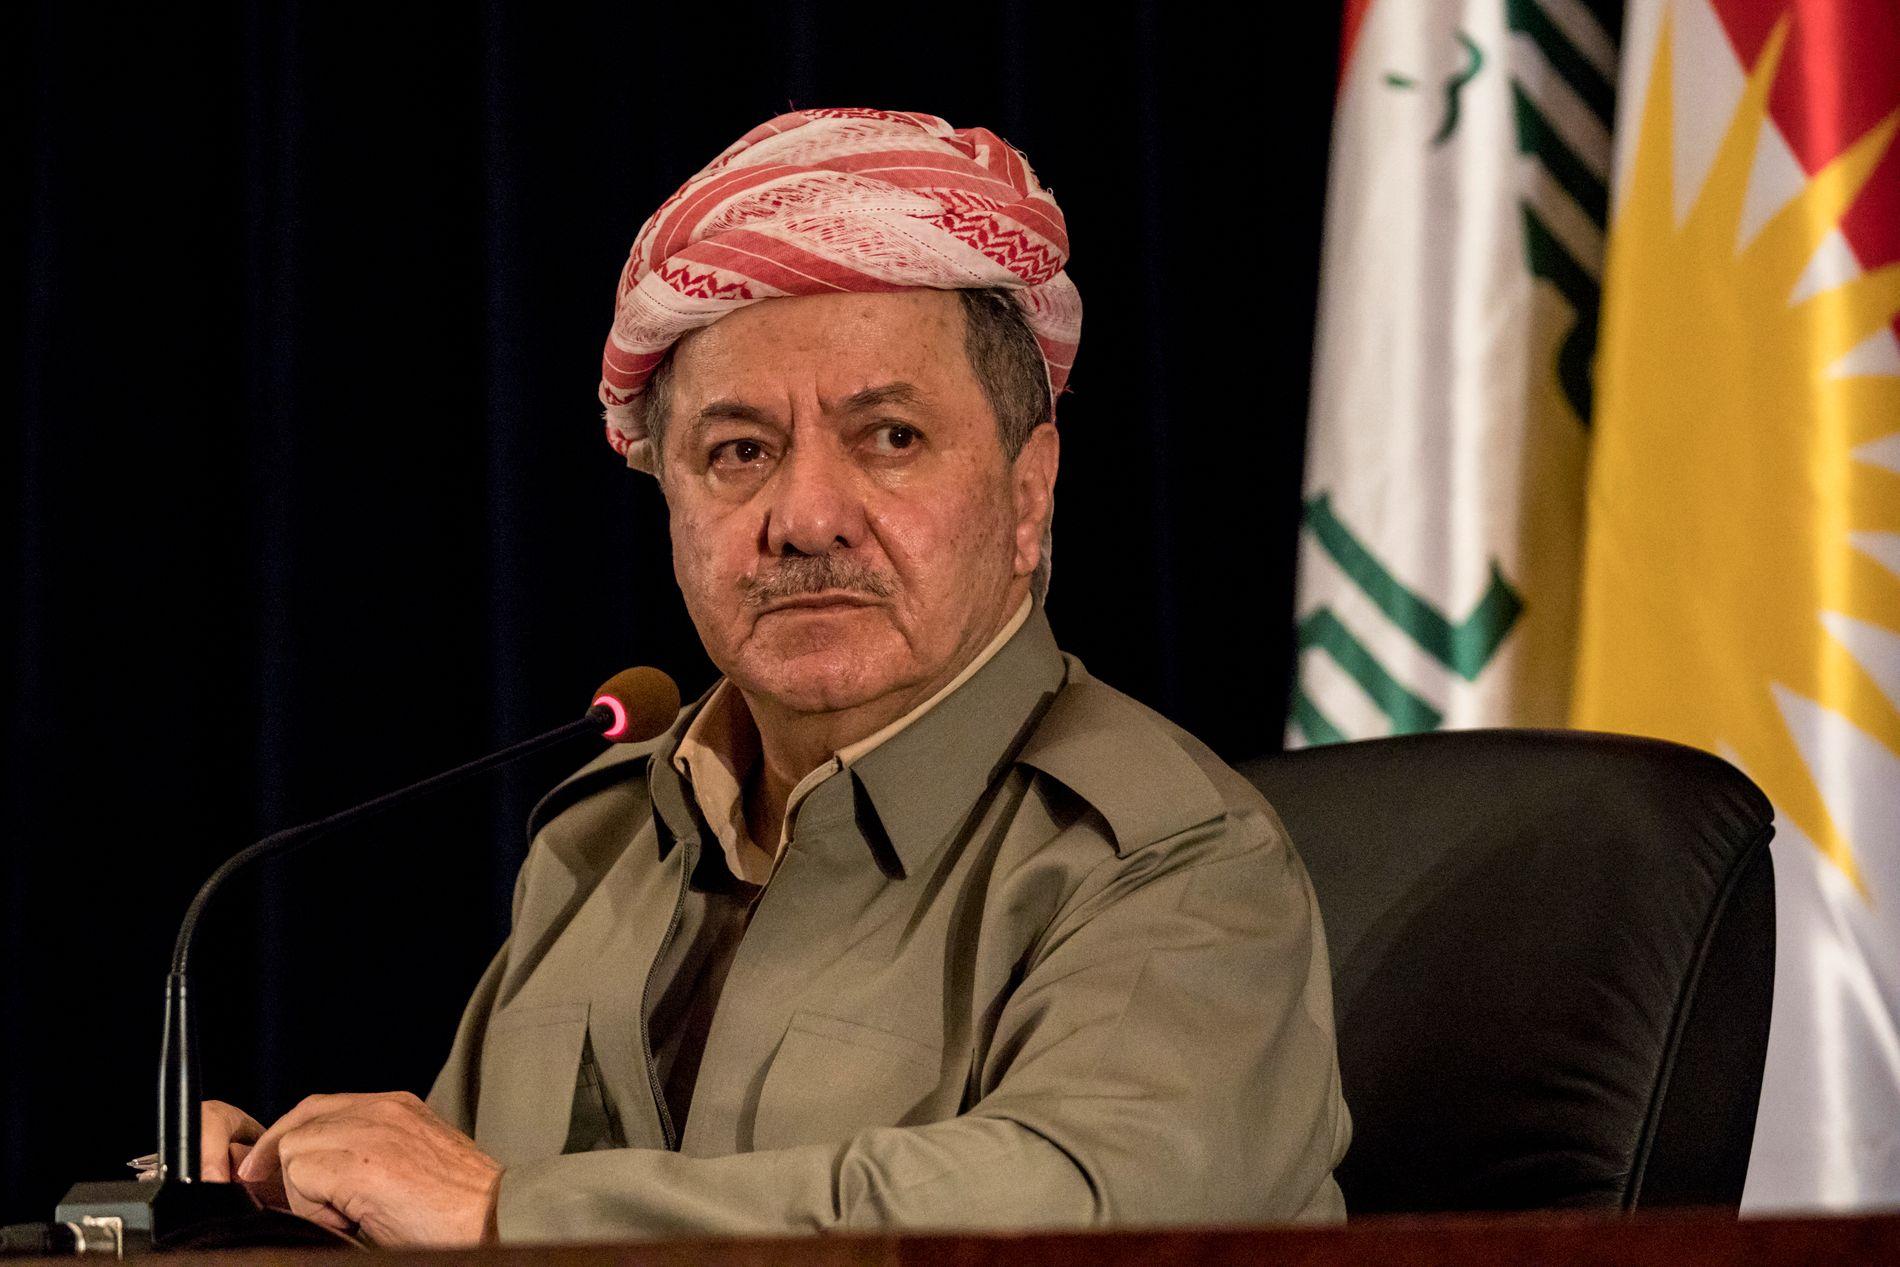 BER OM PATRIOTISME: Masoud Barzani, president i KRG, manet under en pressekonferanse i sitt presidentpalass 24. september til frigjøring fra Bagdad. Nå ber han om forening.